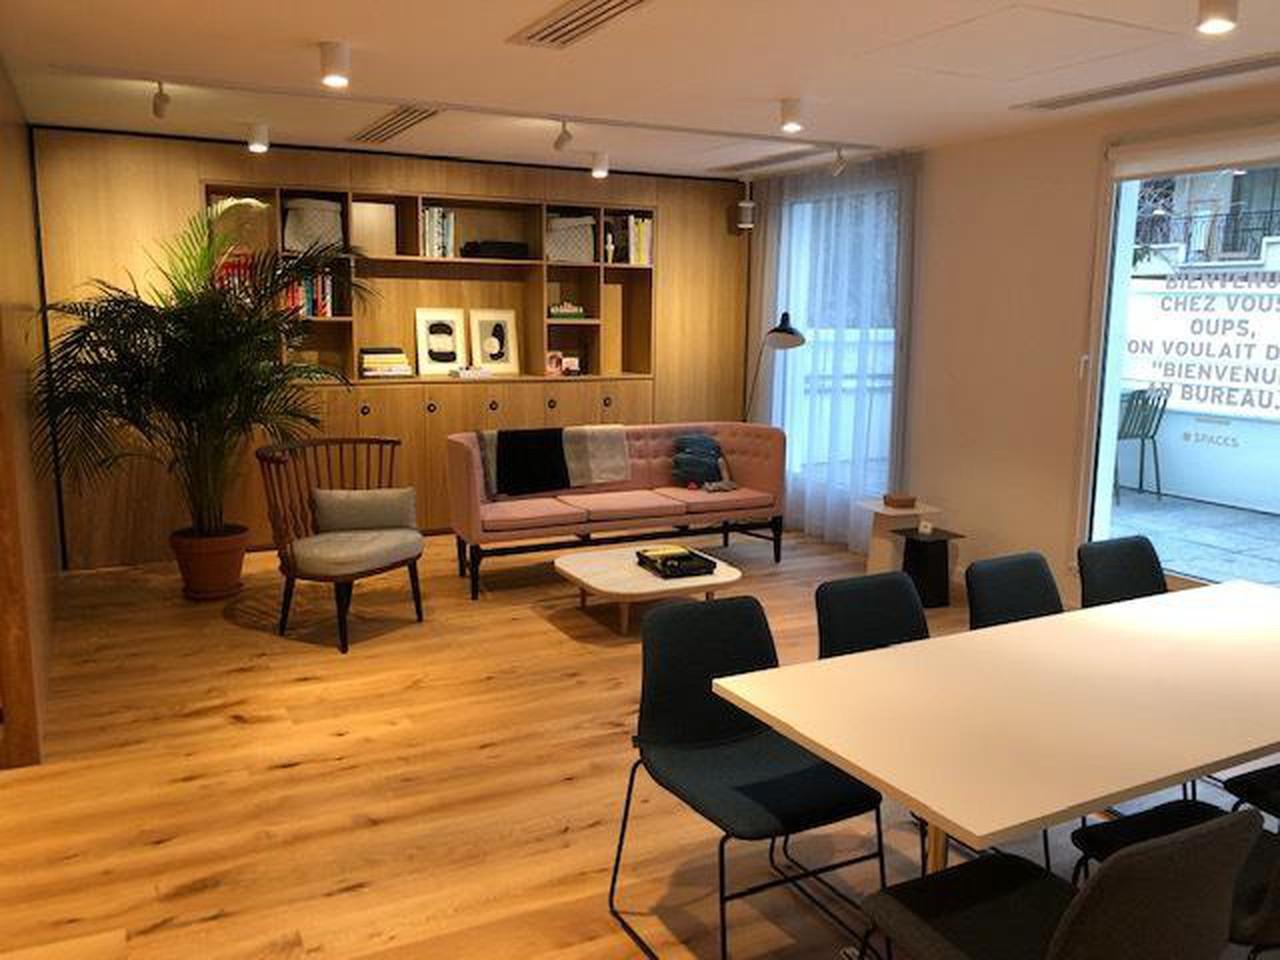 Paris seminar rooms Lieu Atypique Spaces, BOULOGNE-BILLANCOURT, Spaces Reine, Club image 0